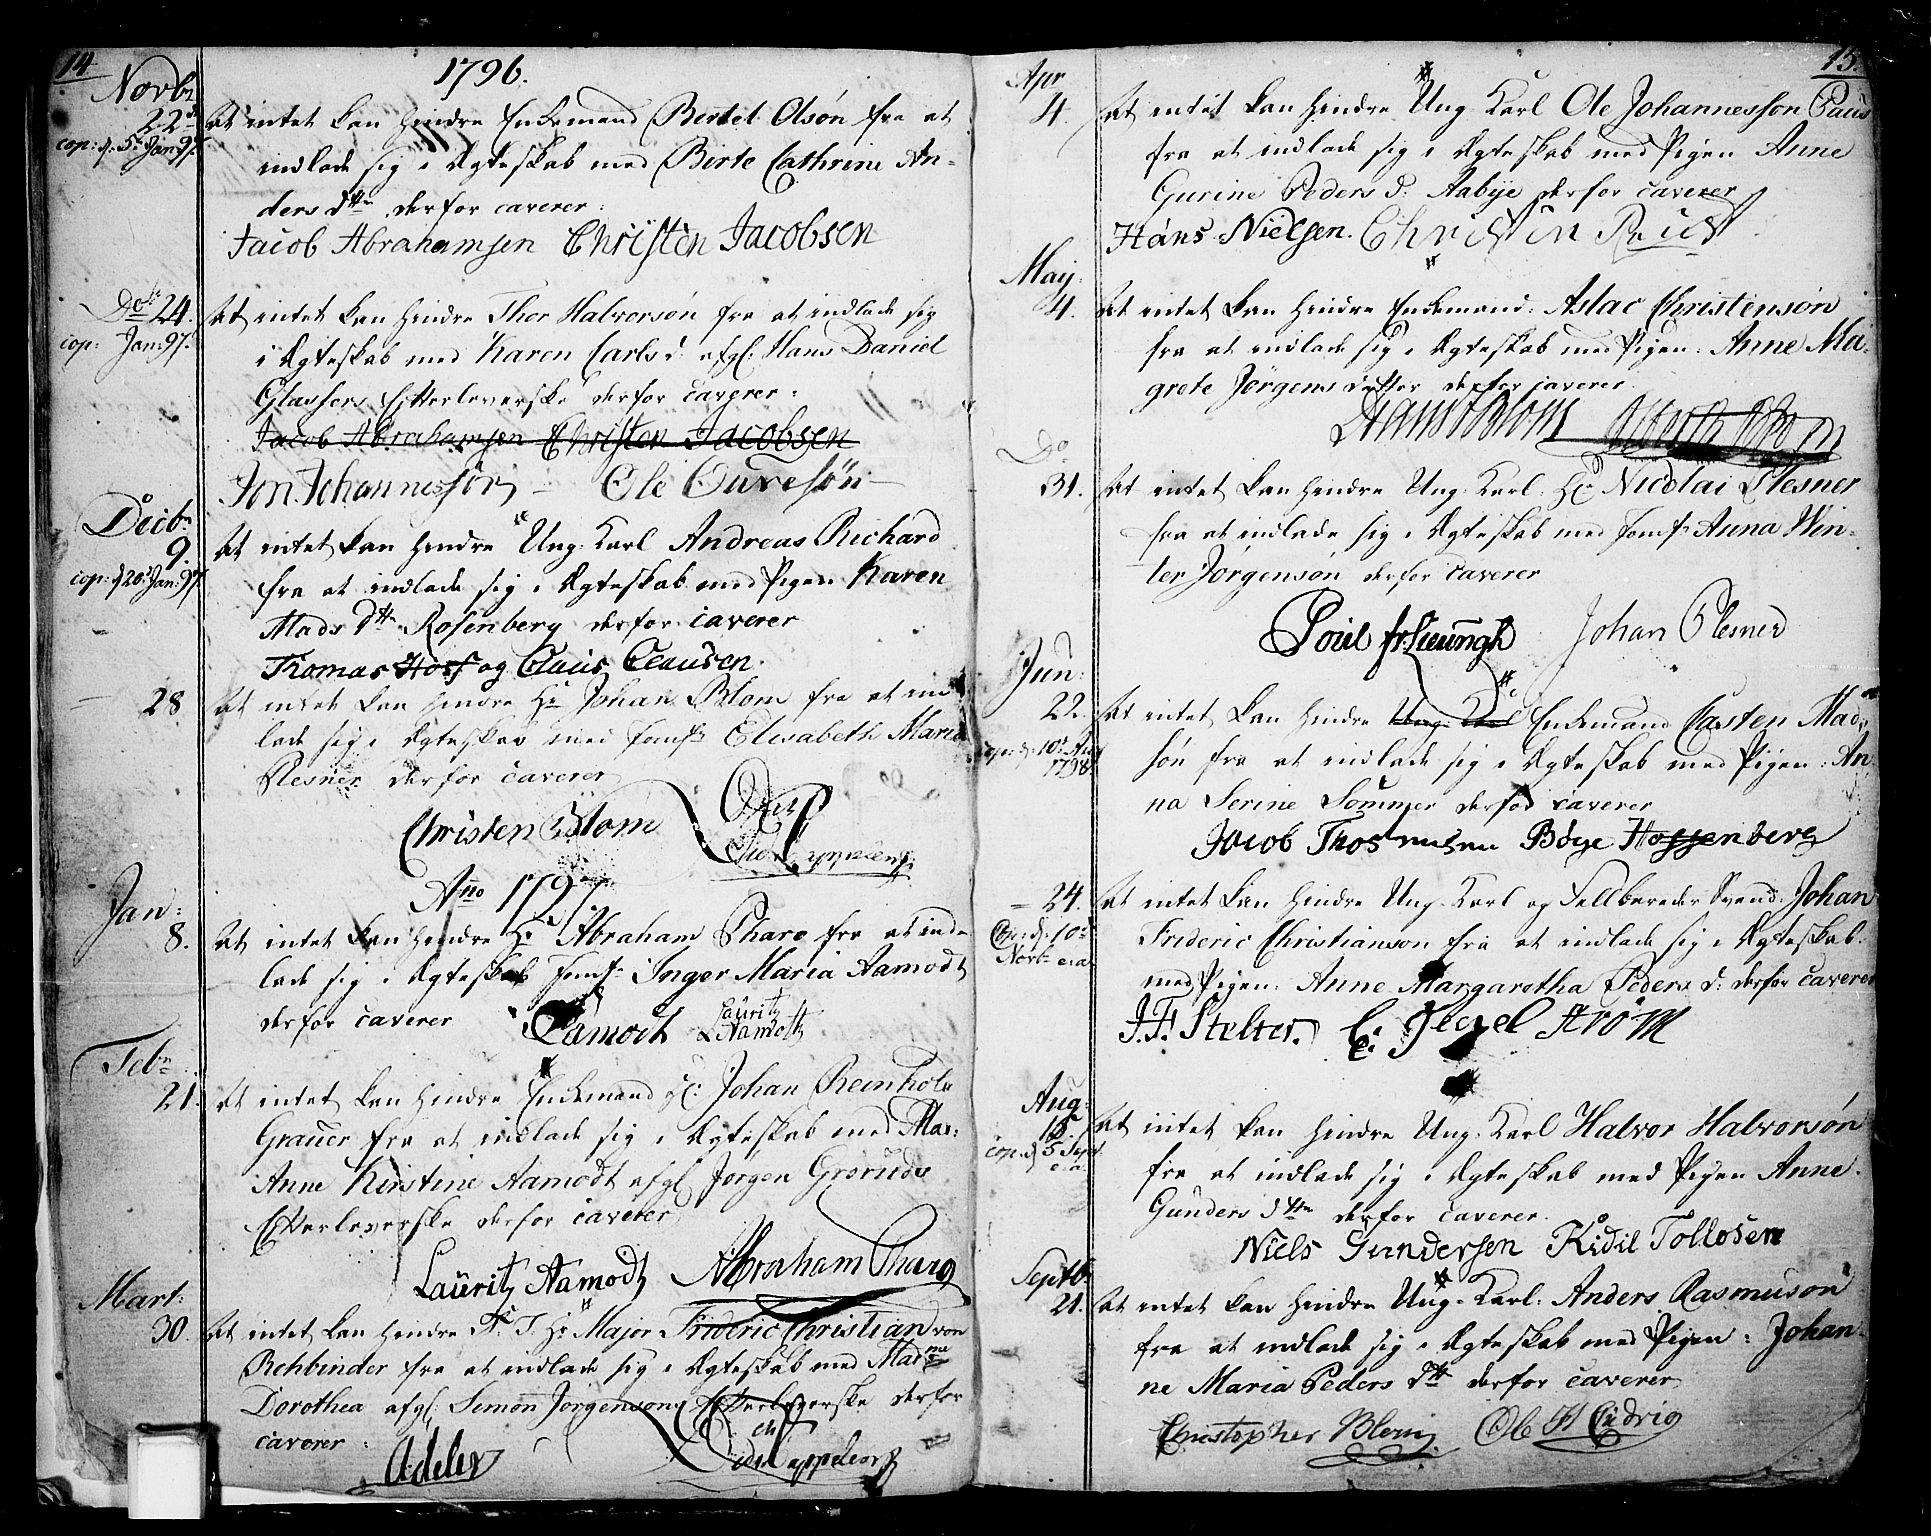 SAKO, Skien kirkebøker, F/Fa/L0004: Ministerialbok nr. 4, 1792-1814, s. 14-15